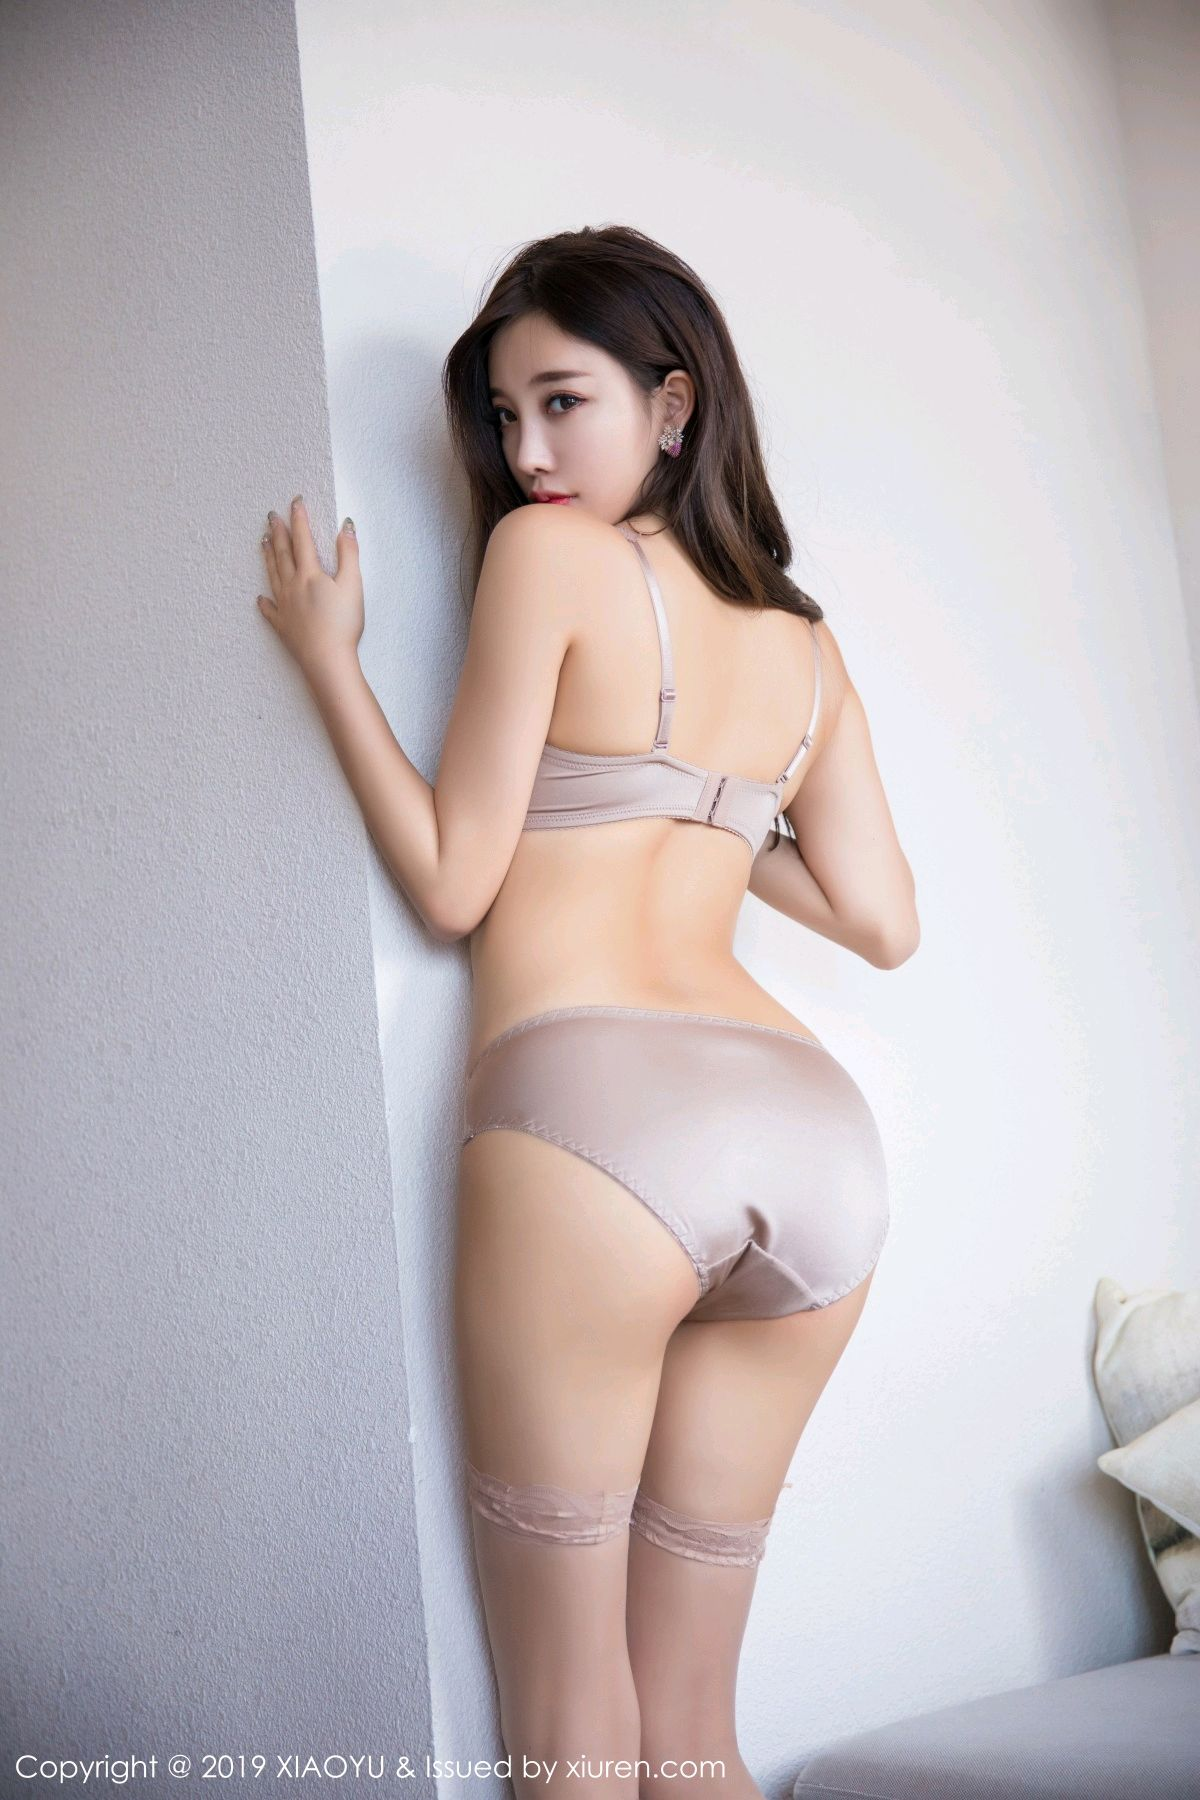 [XiaoYu] Vol.067 Yang Chen Chen 35P, Beach, Underwear, XiaoYu, Yang Chen Chen